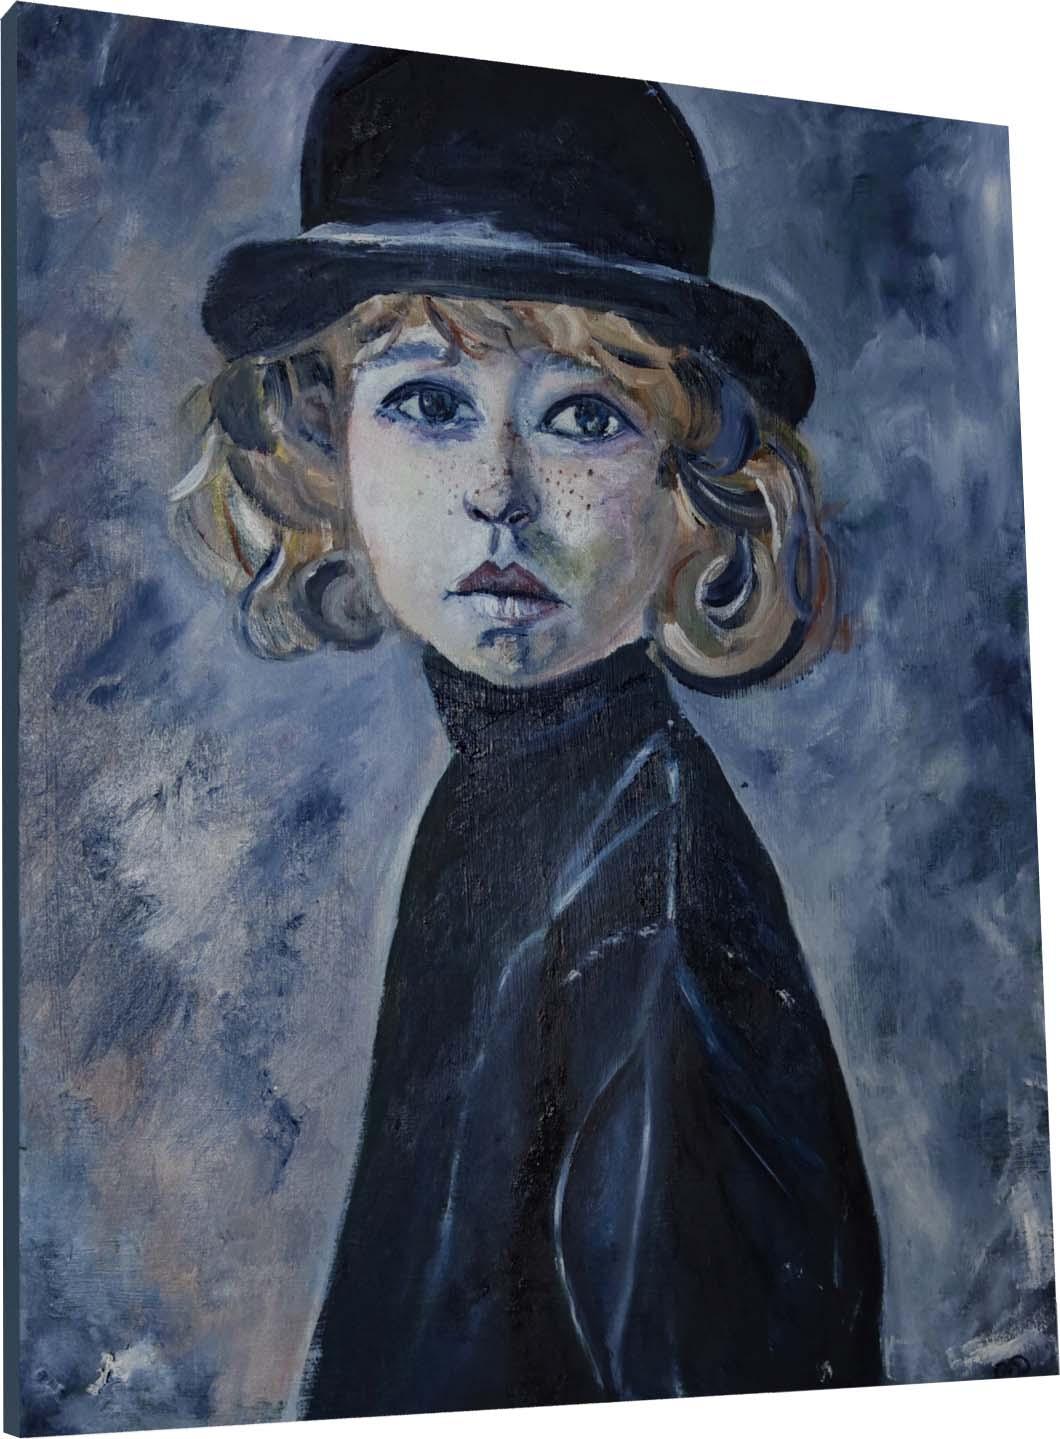 Das Ölbild von der Hamburger Künstlerin Melina Petala